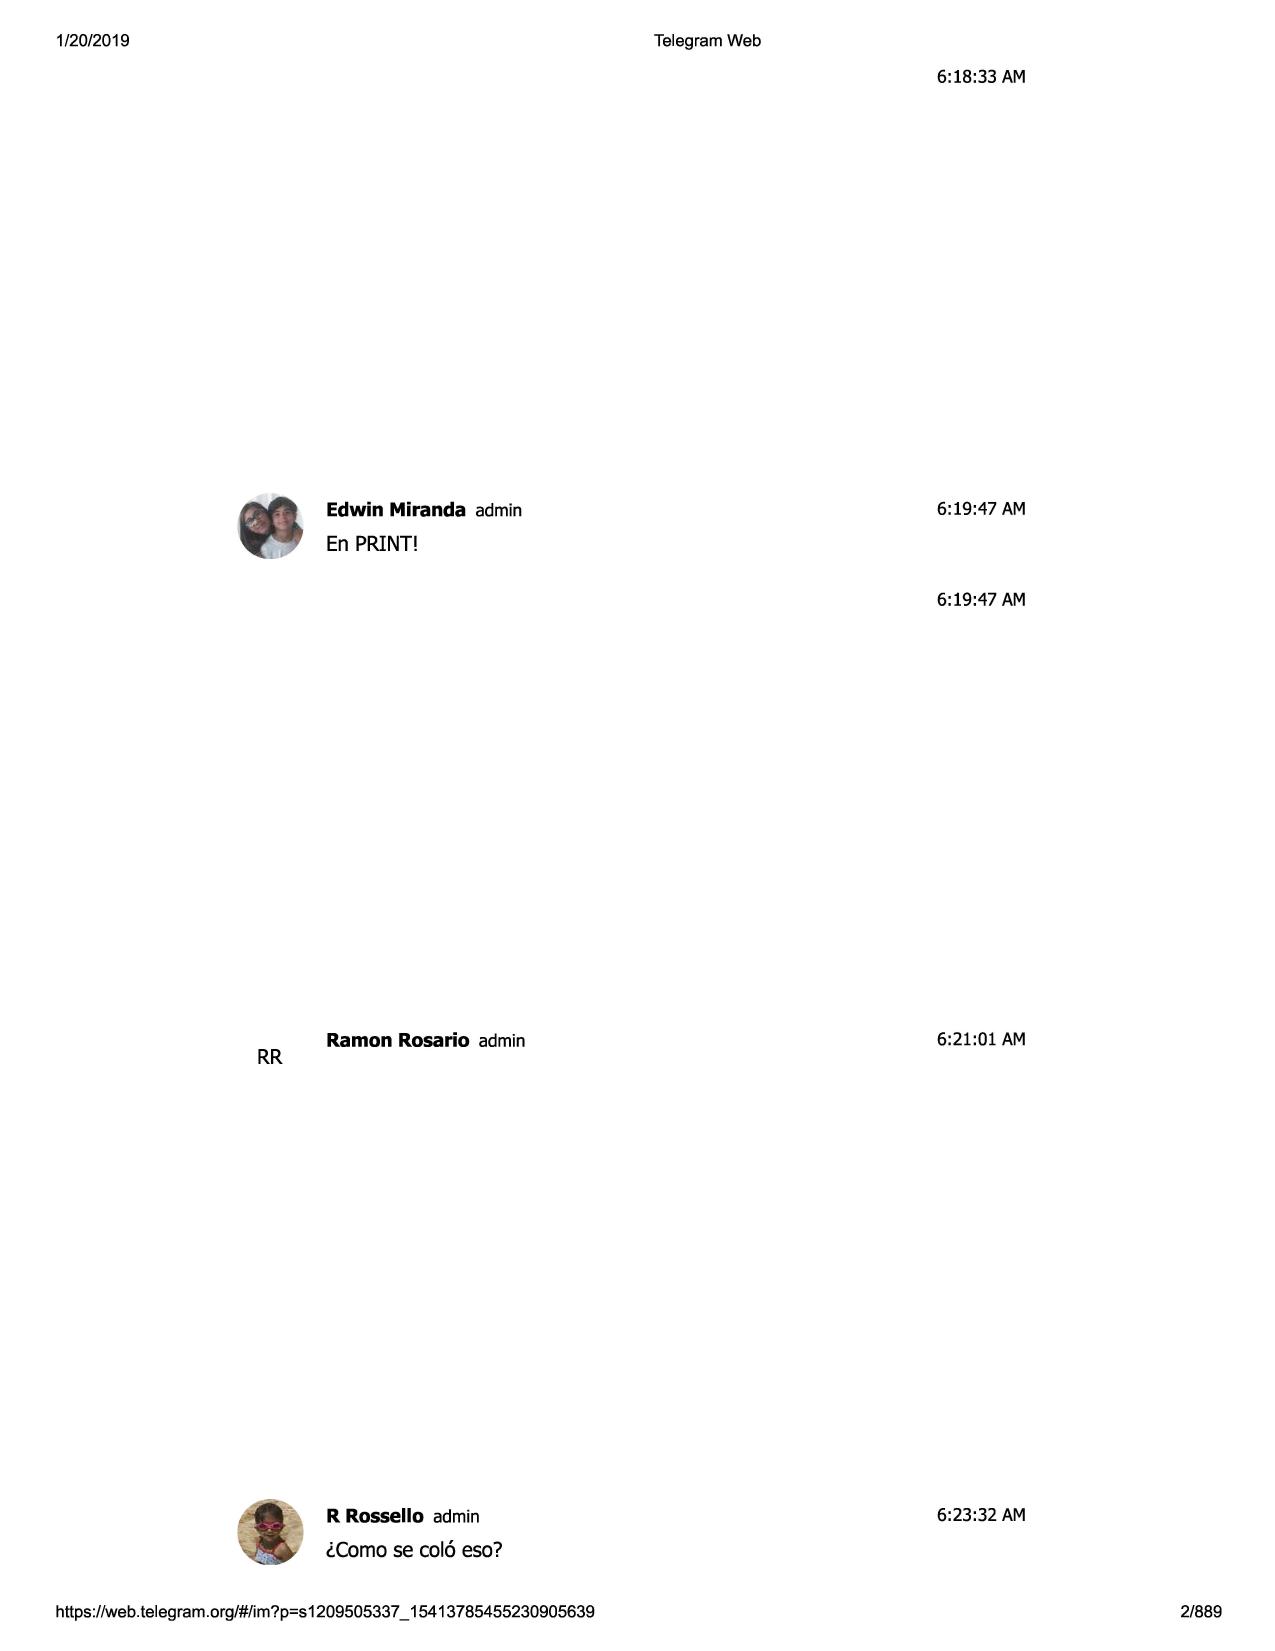 El chat de Telegram